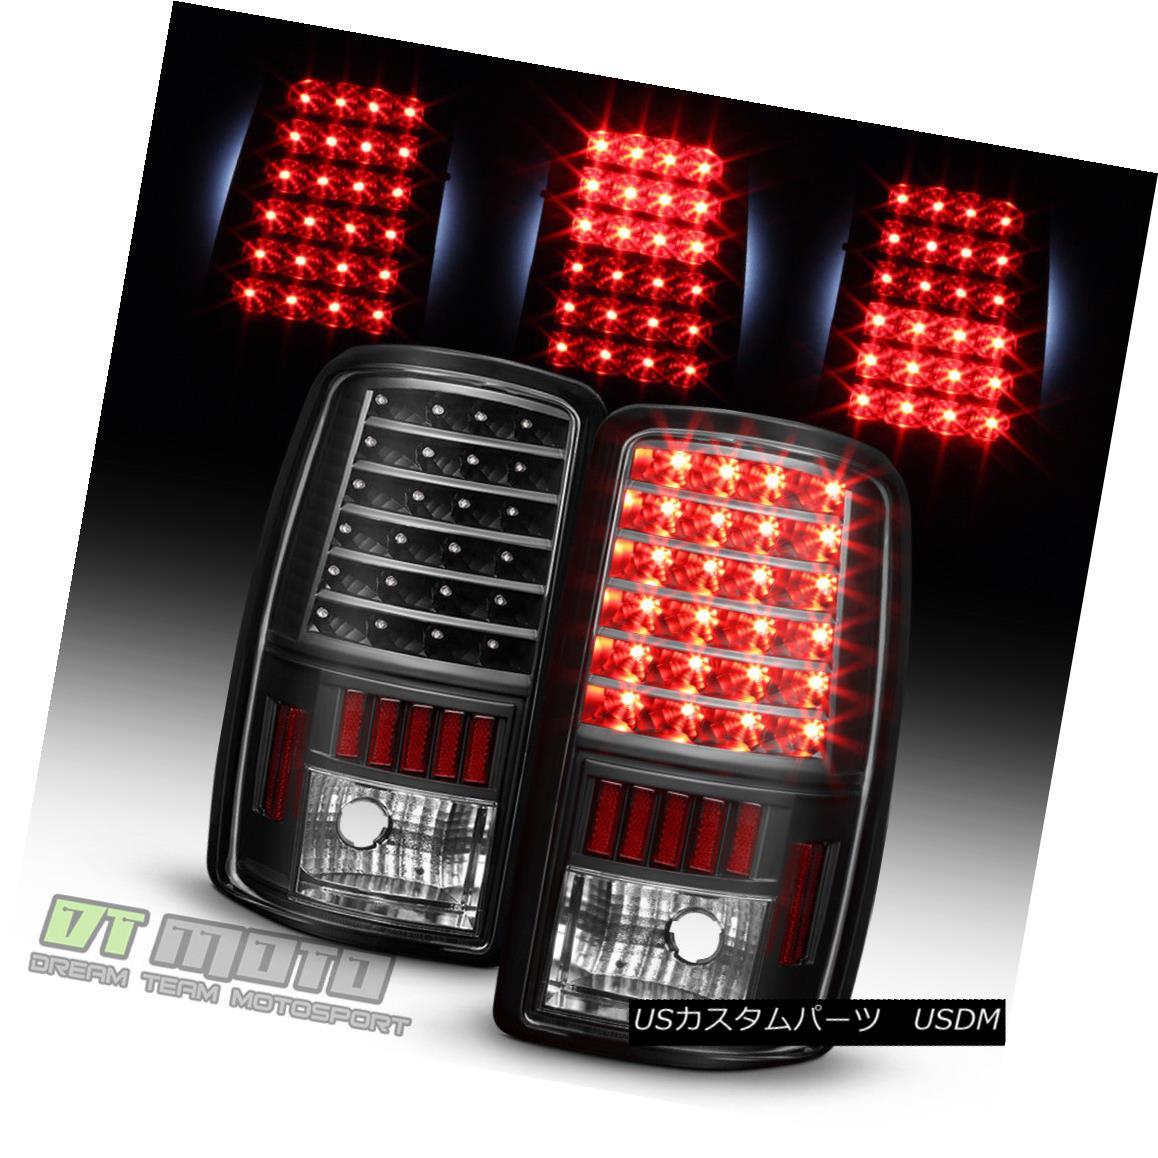 テールライト Black 2000-2006 Chevy Suburban Tahoe GMC Yukon XL LED Tail Lights Brake Lamps ブラック2000-2006シボレー郊外タホGMCユーコンXL LEDテールライトブレーキランプ